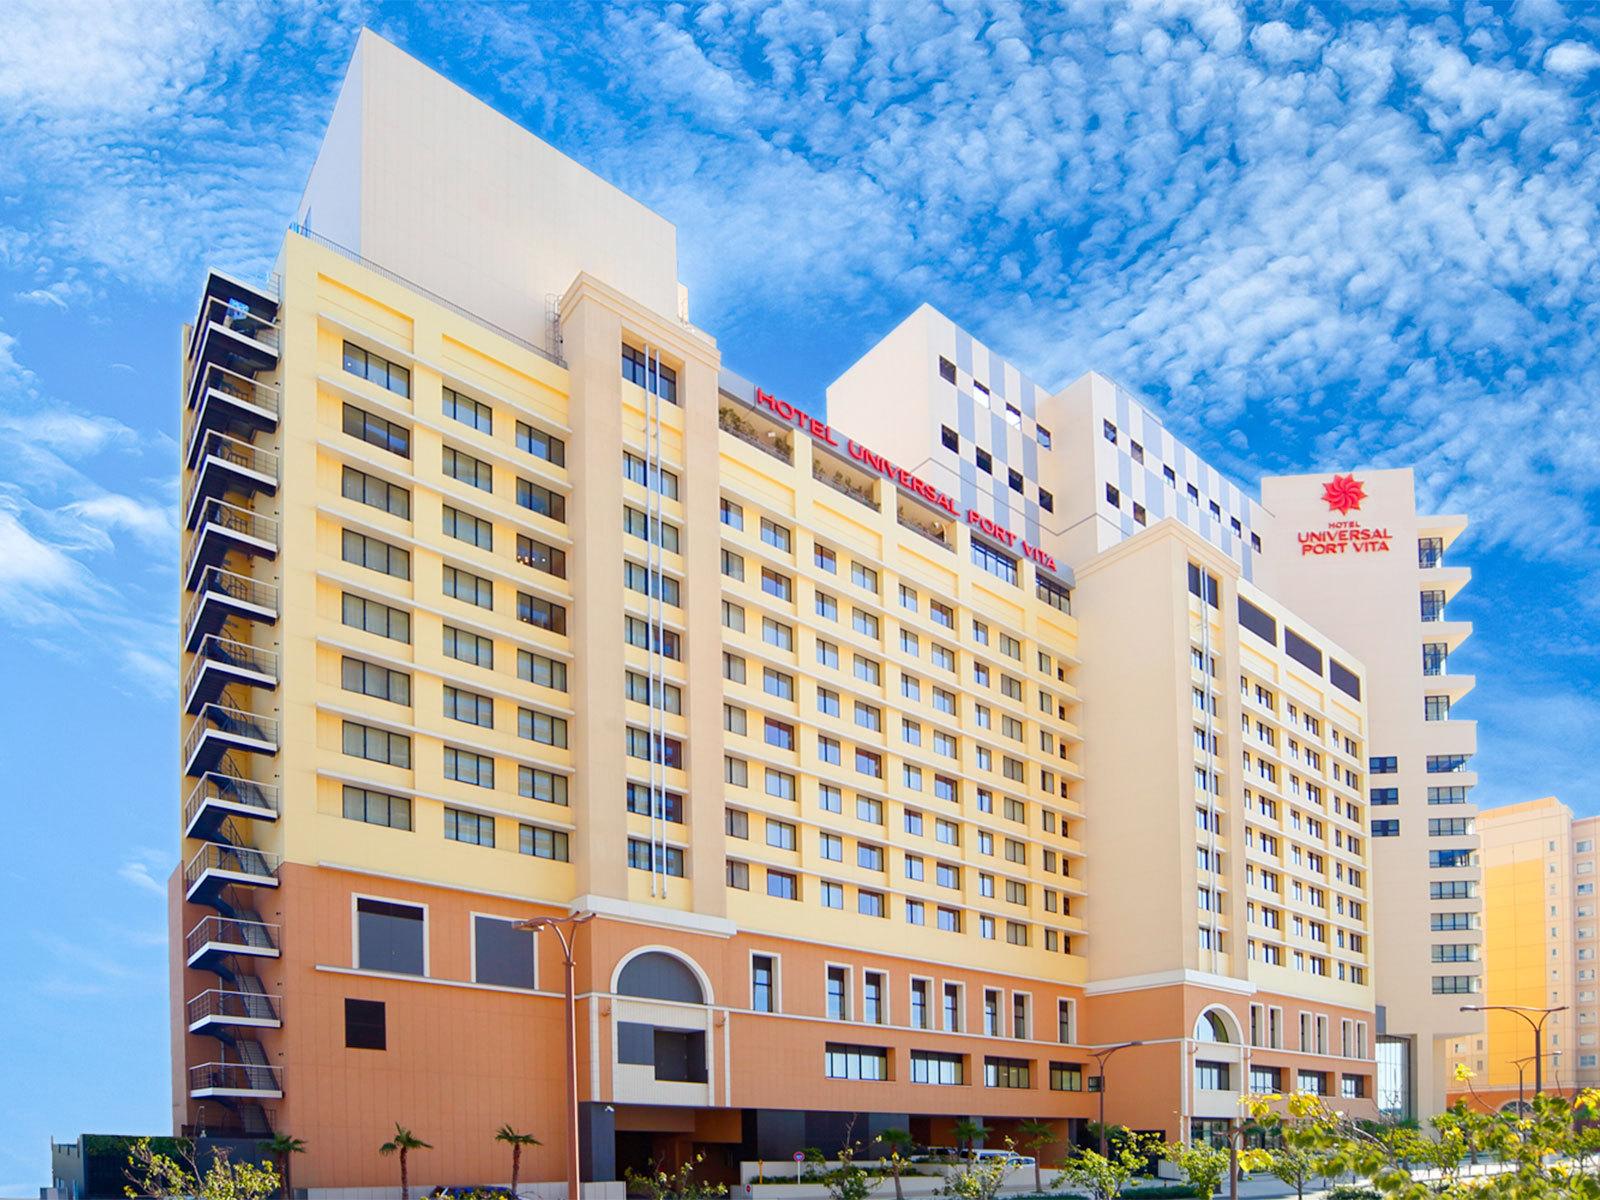 ホテルユニバーサルポートヴィータ